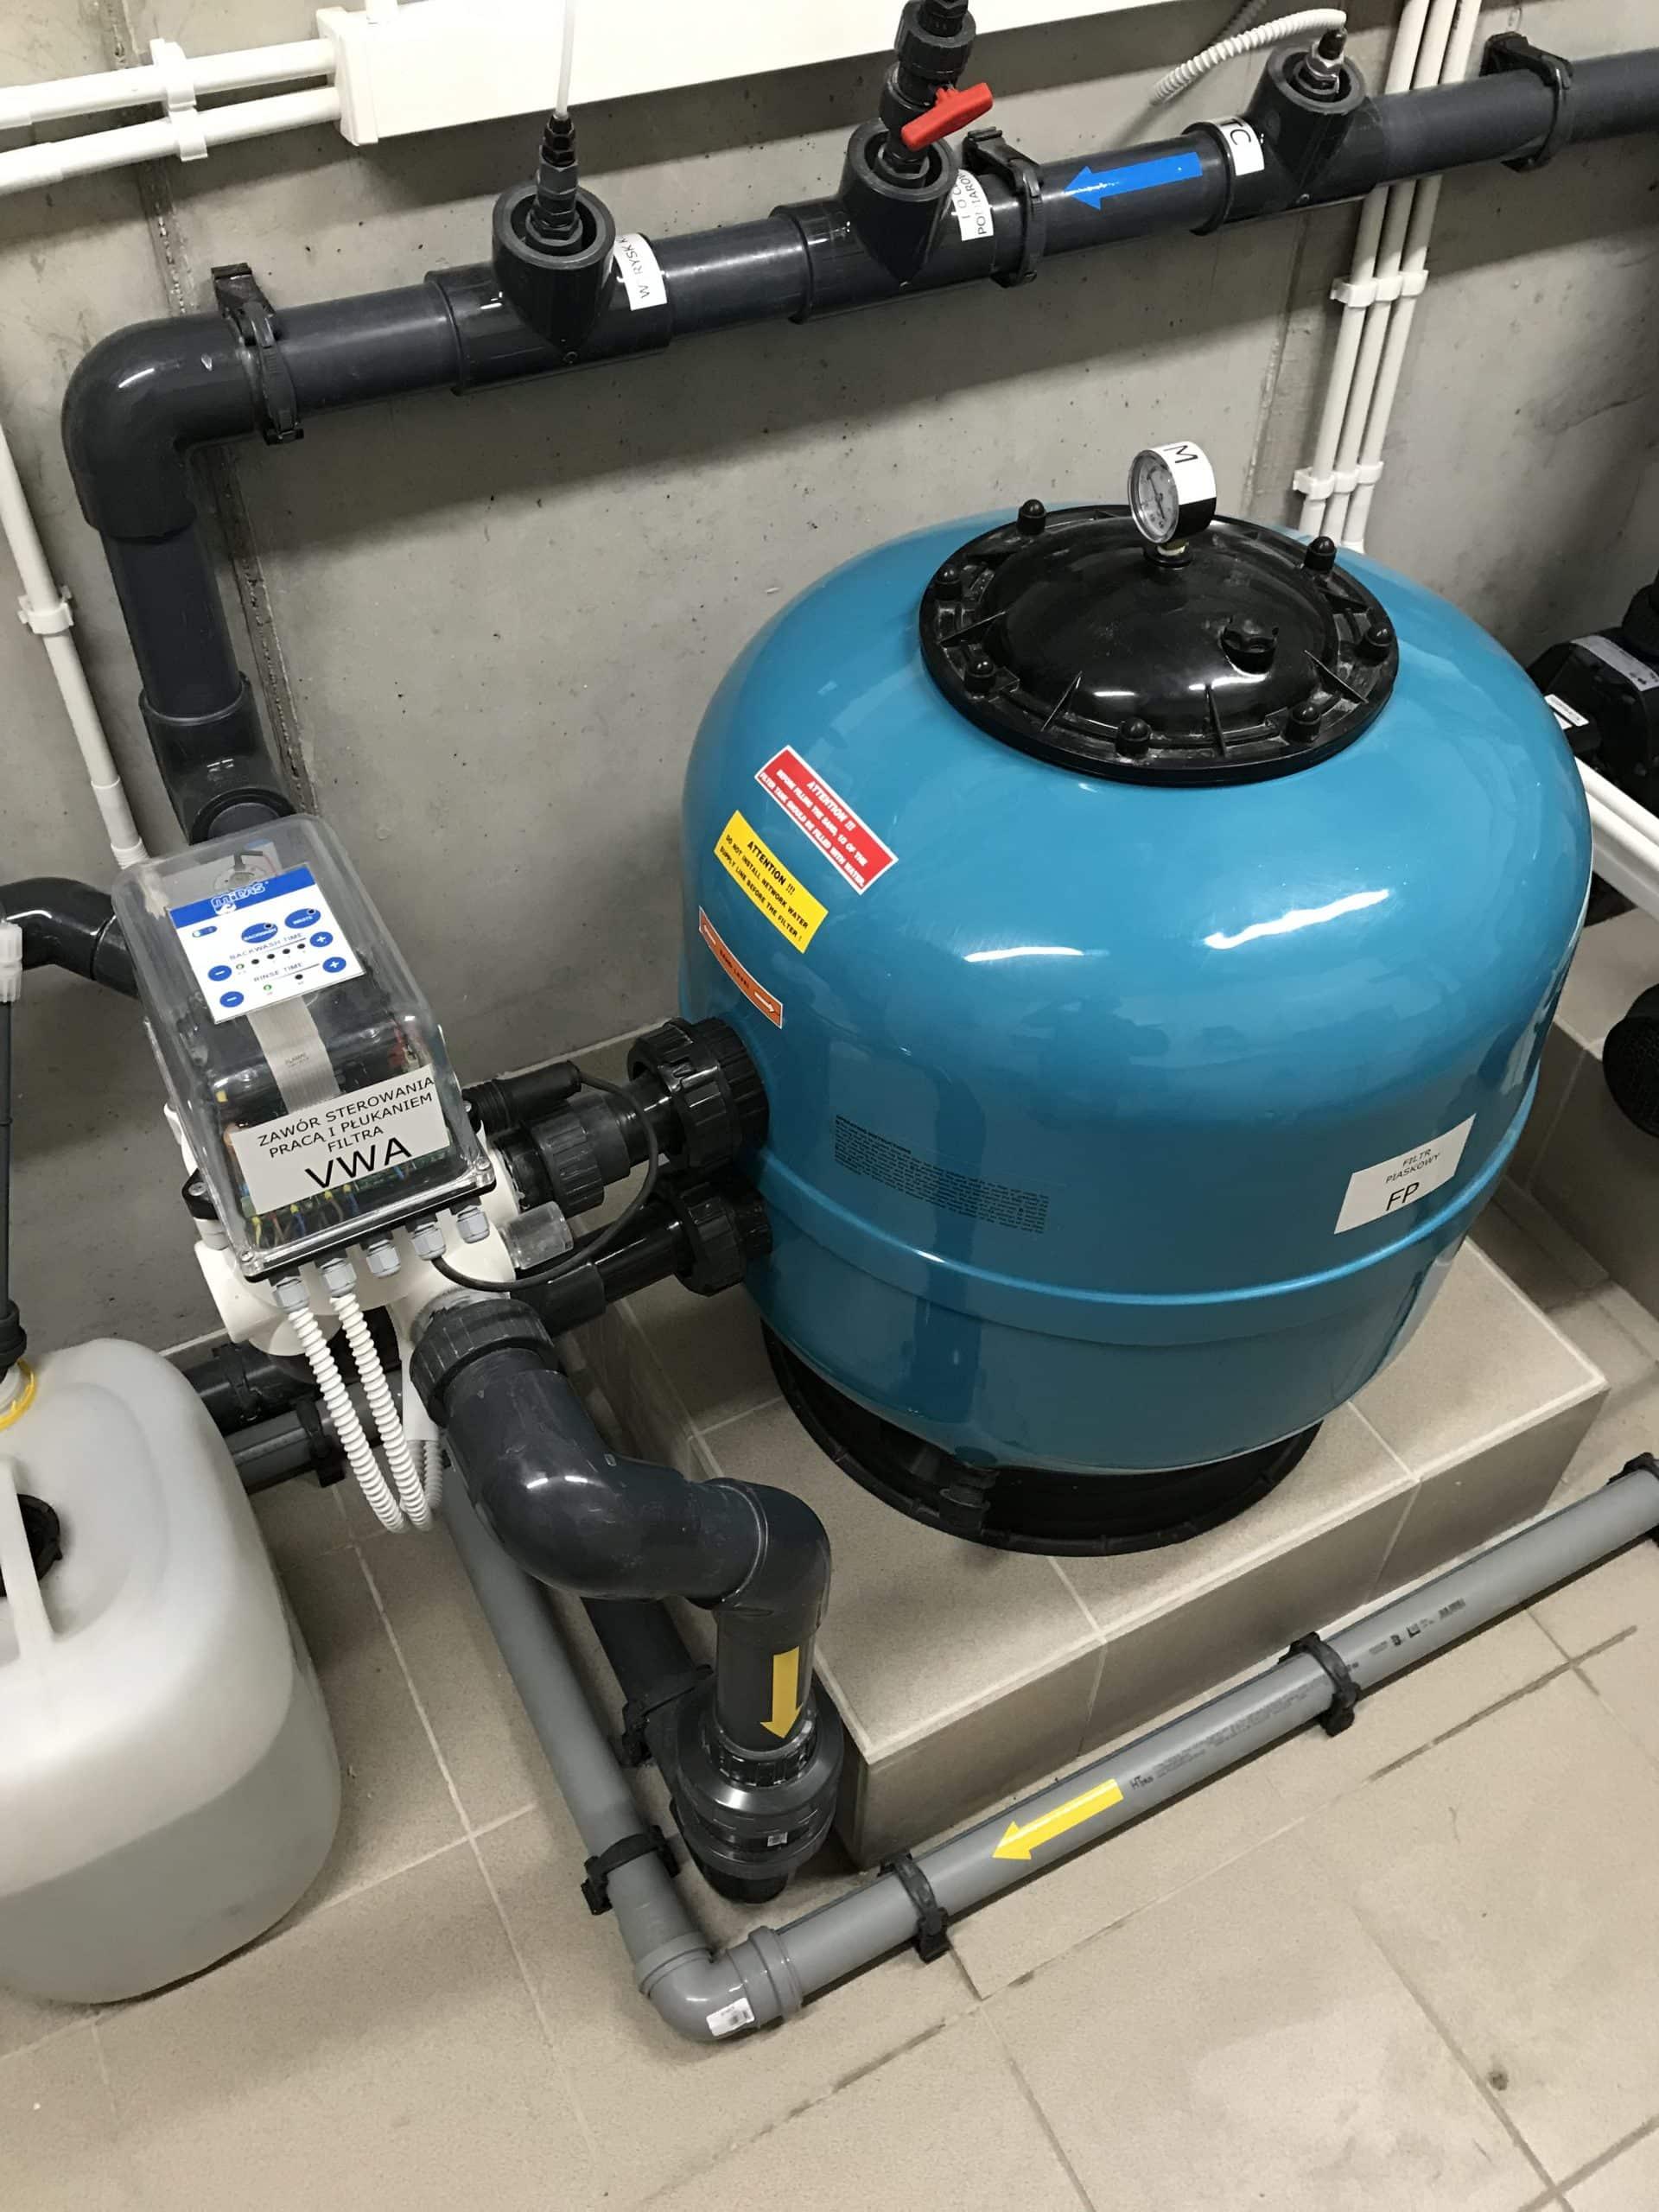 filtr, basen, automat, zawór płukania automatyczny, uzdatnianie wody, budowa basenu, chemia basenowa